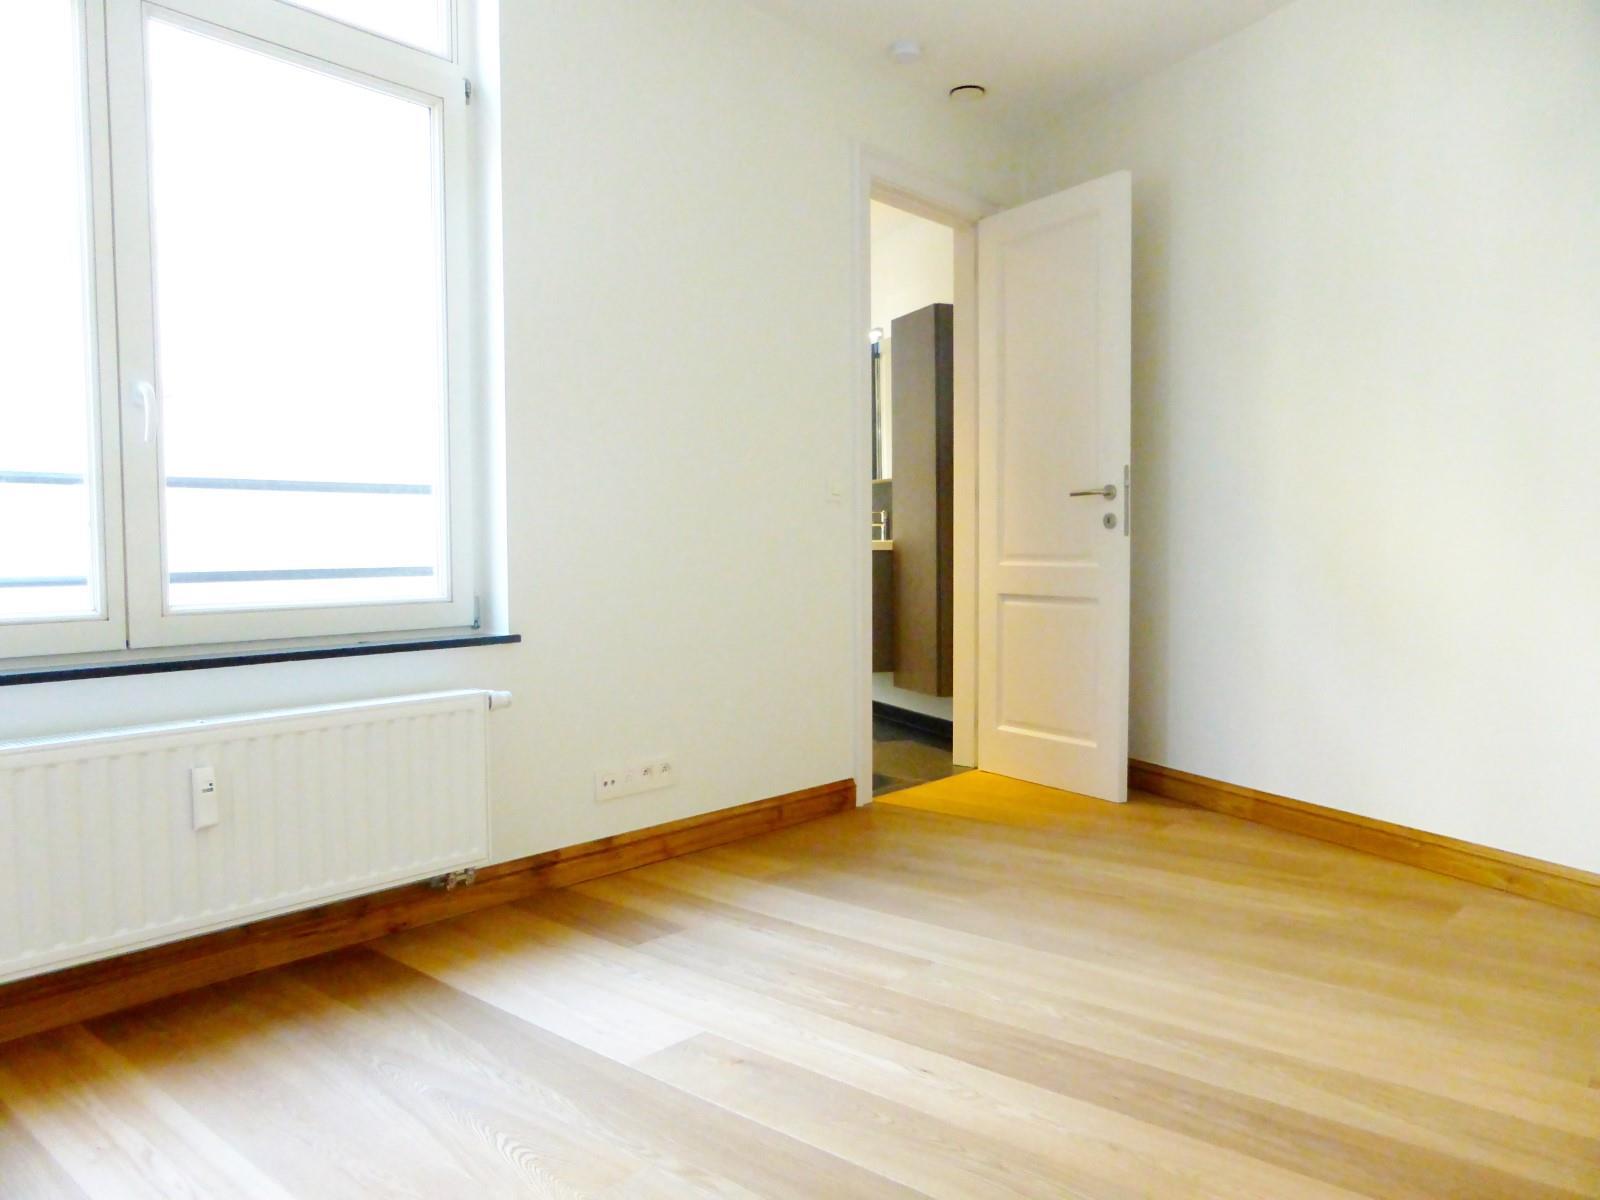 Appartement exceptionnel - Bruxelles - #4094385-35